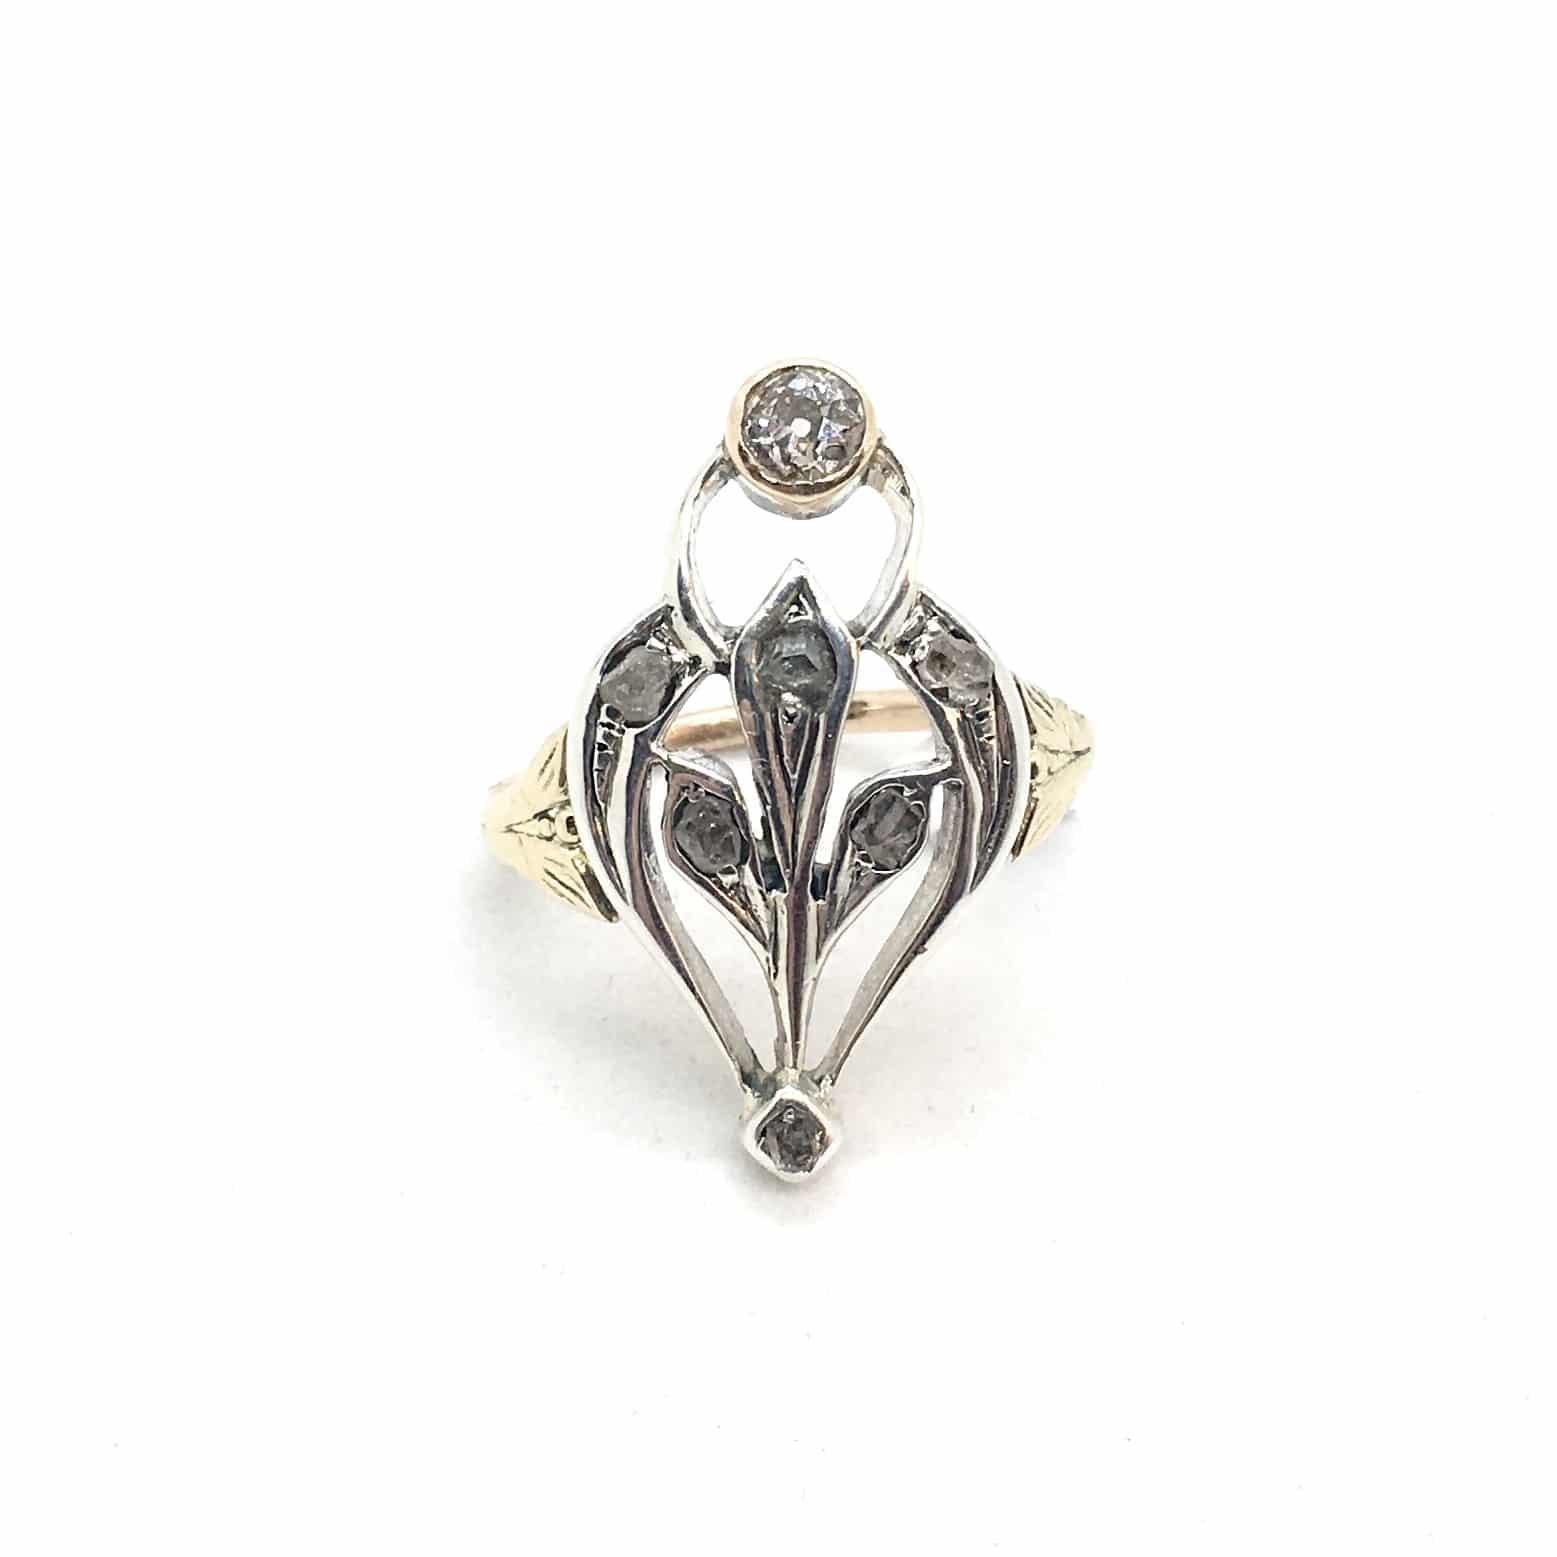 2794. Szecessziós arany gyűrű gyémántokkal.